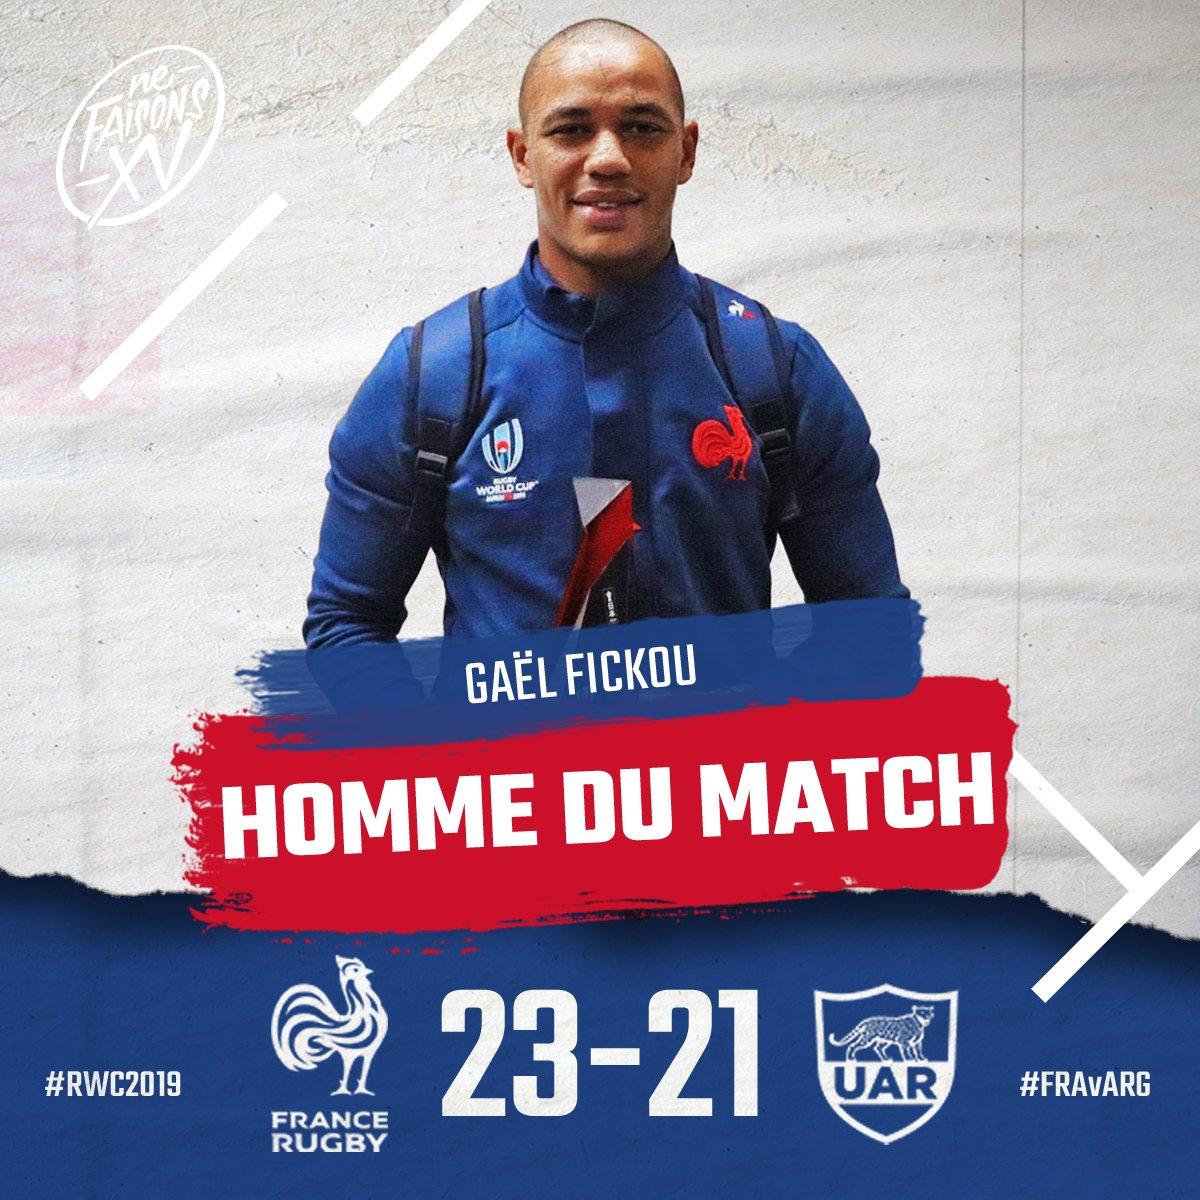 🇫🇷🇦🇷 Il a marqué le premier essai des Bleus dans cette Coupe du Monde et il a été élu par la @rugbyworldcup homme du match ! Du ❤️ pour @FickouG ! #NeFaisonsXV #RWC2019 #FRAvARG #XVdeFrance